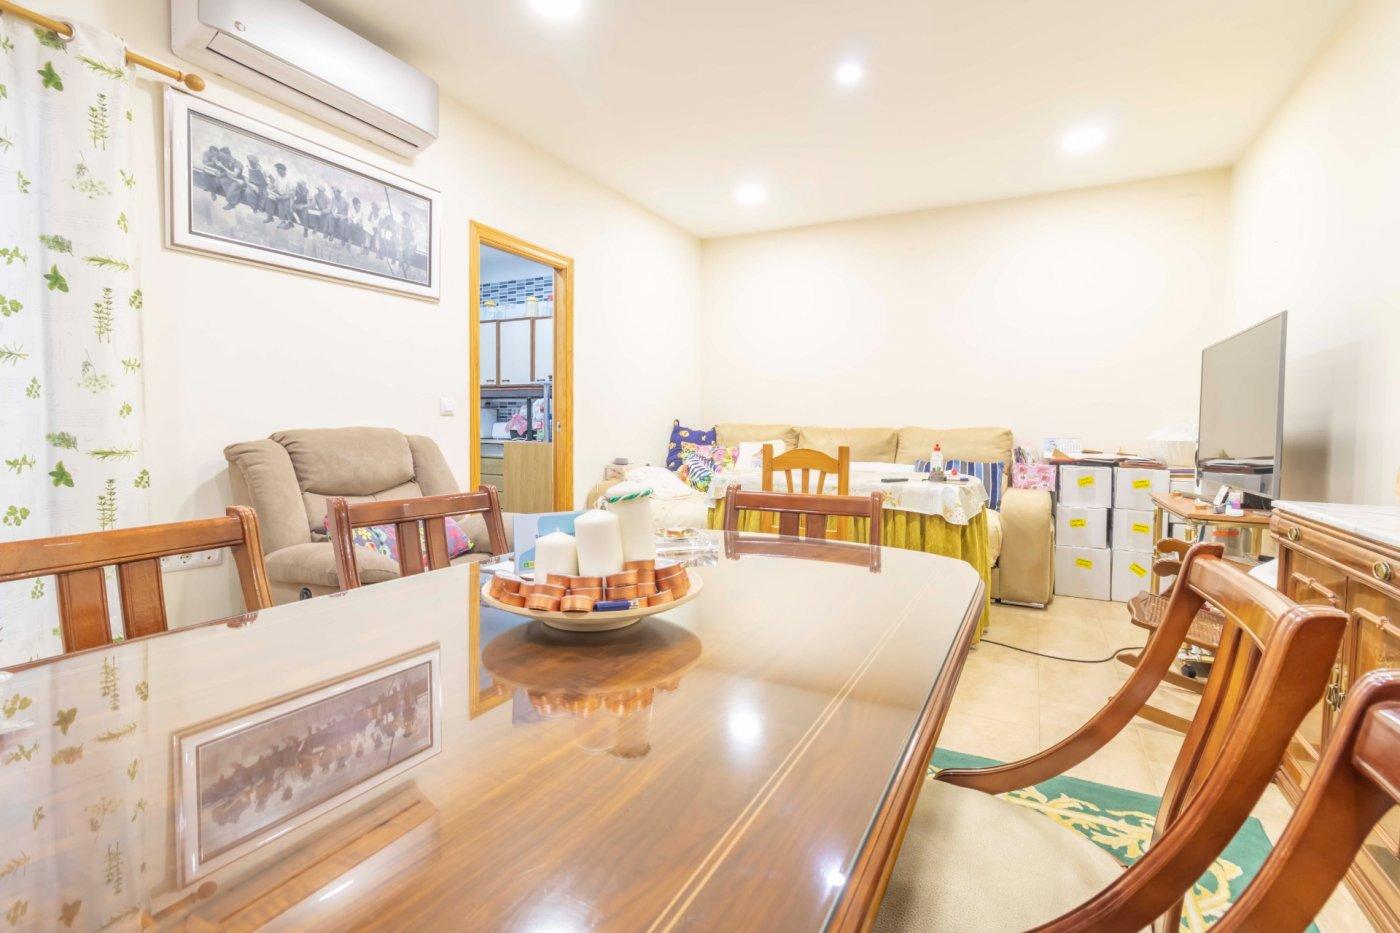 Casa a la venta en zona padre pÍo - imagenInmueble1